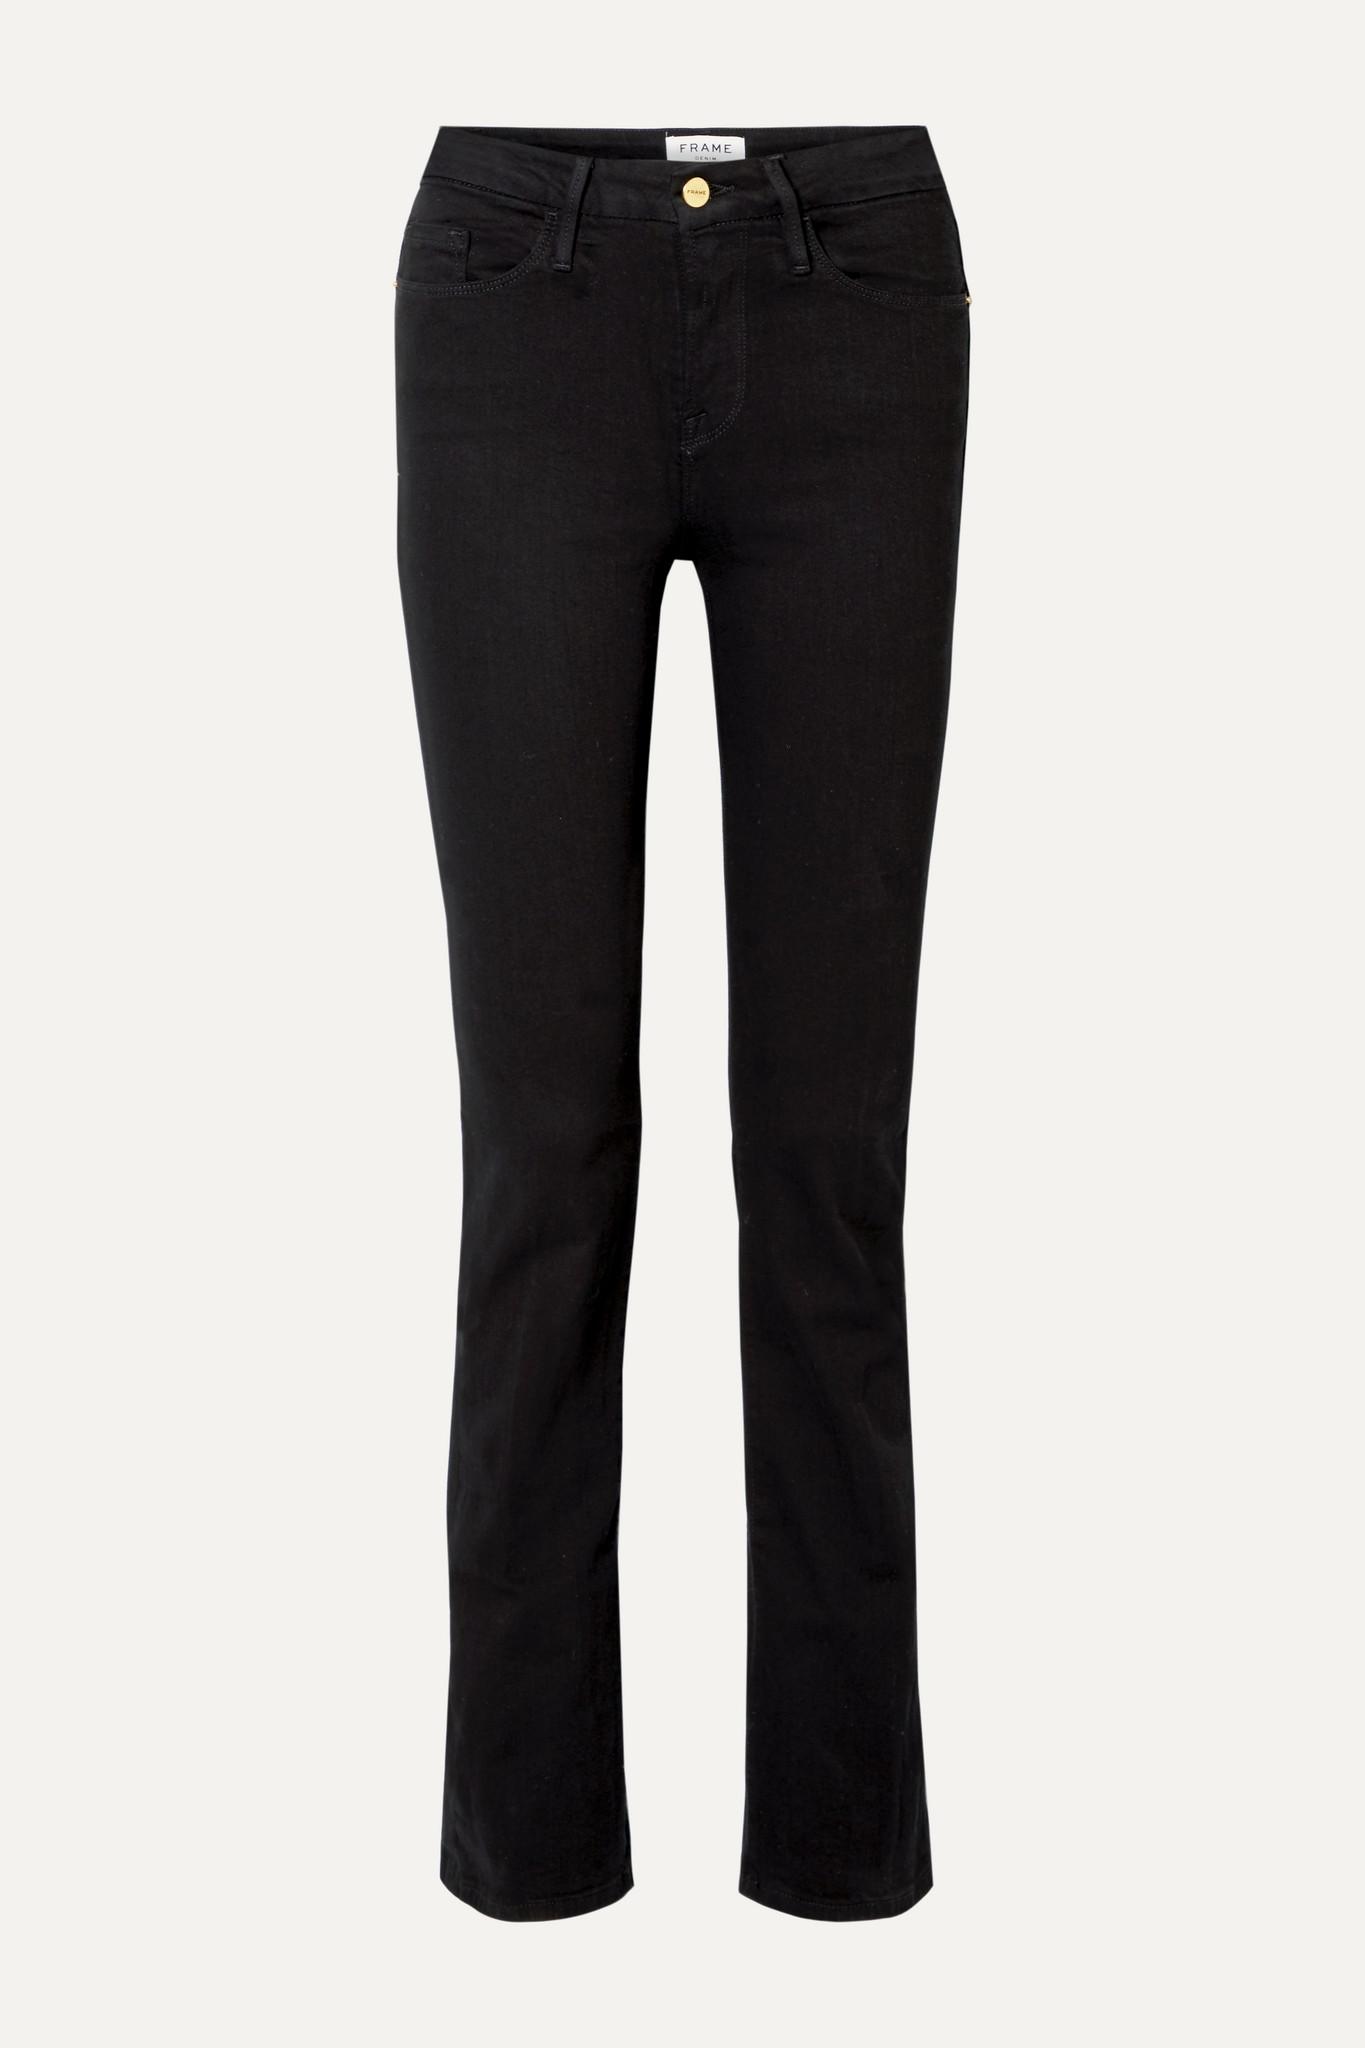 FRAME - Le Mini Boot Mid-rise Jeans - Black - 30